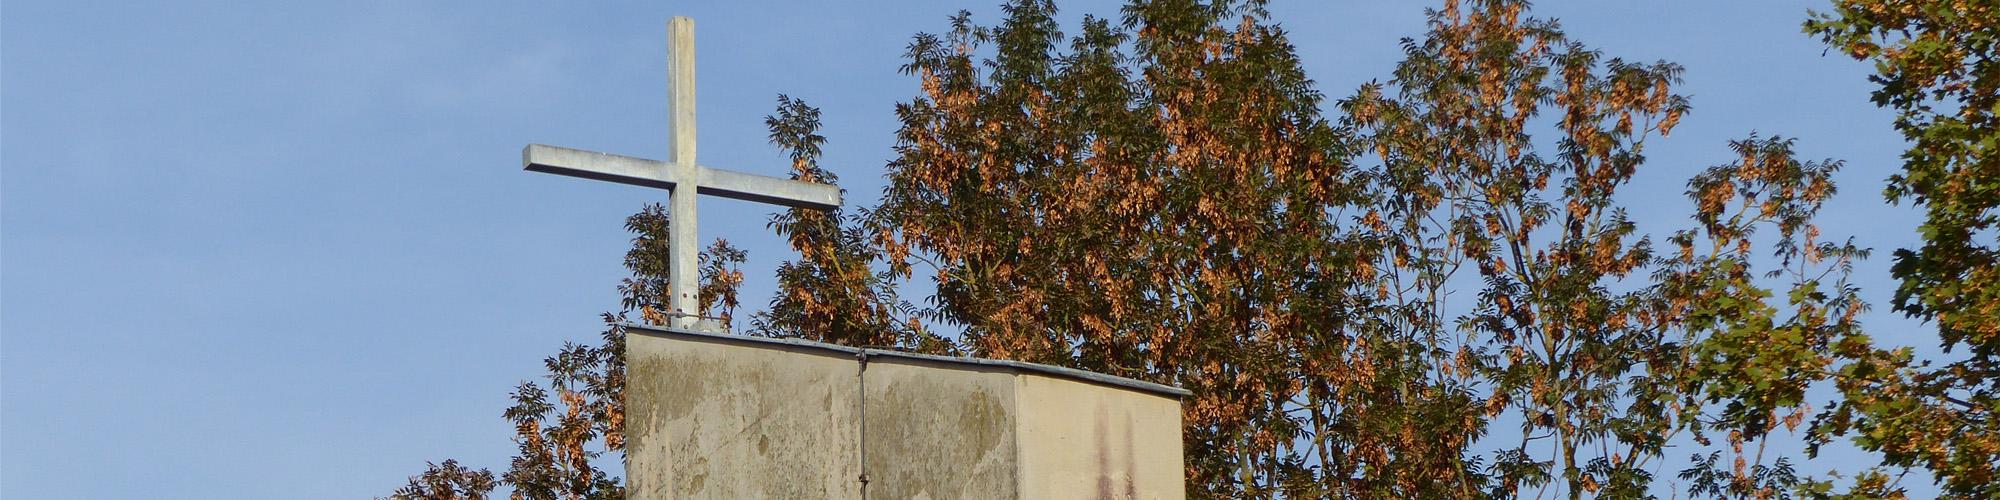 Glockenturm slider